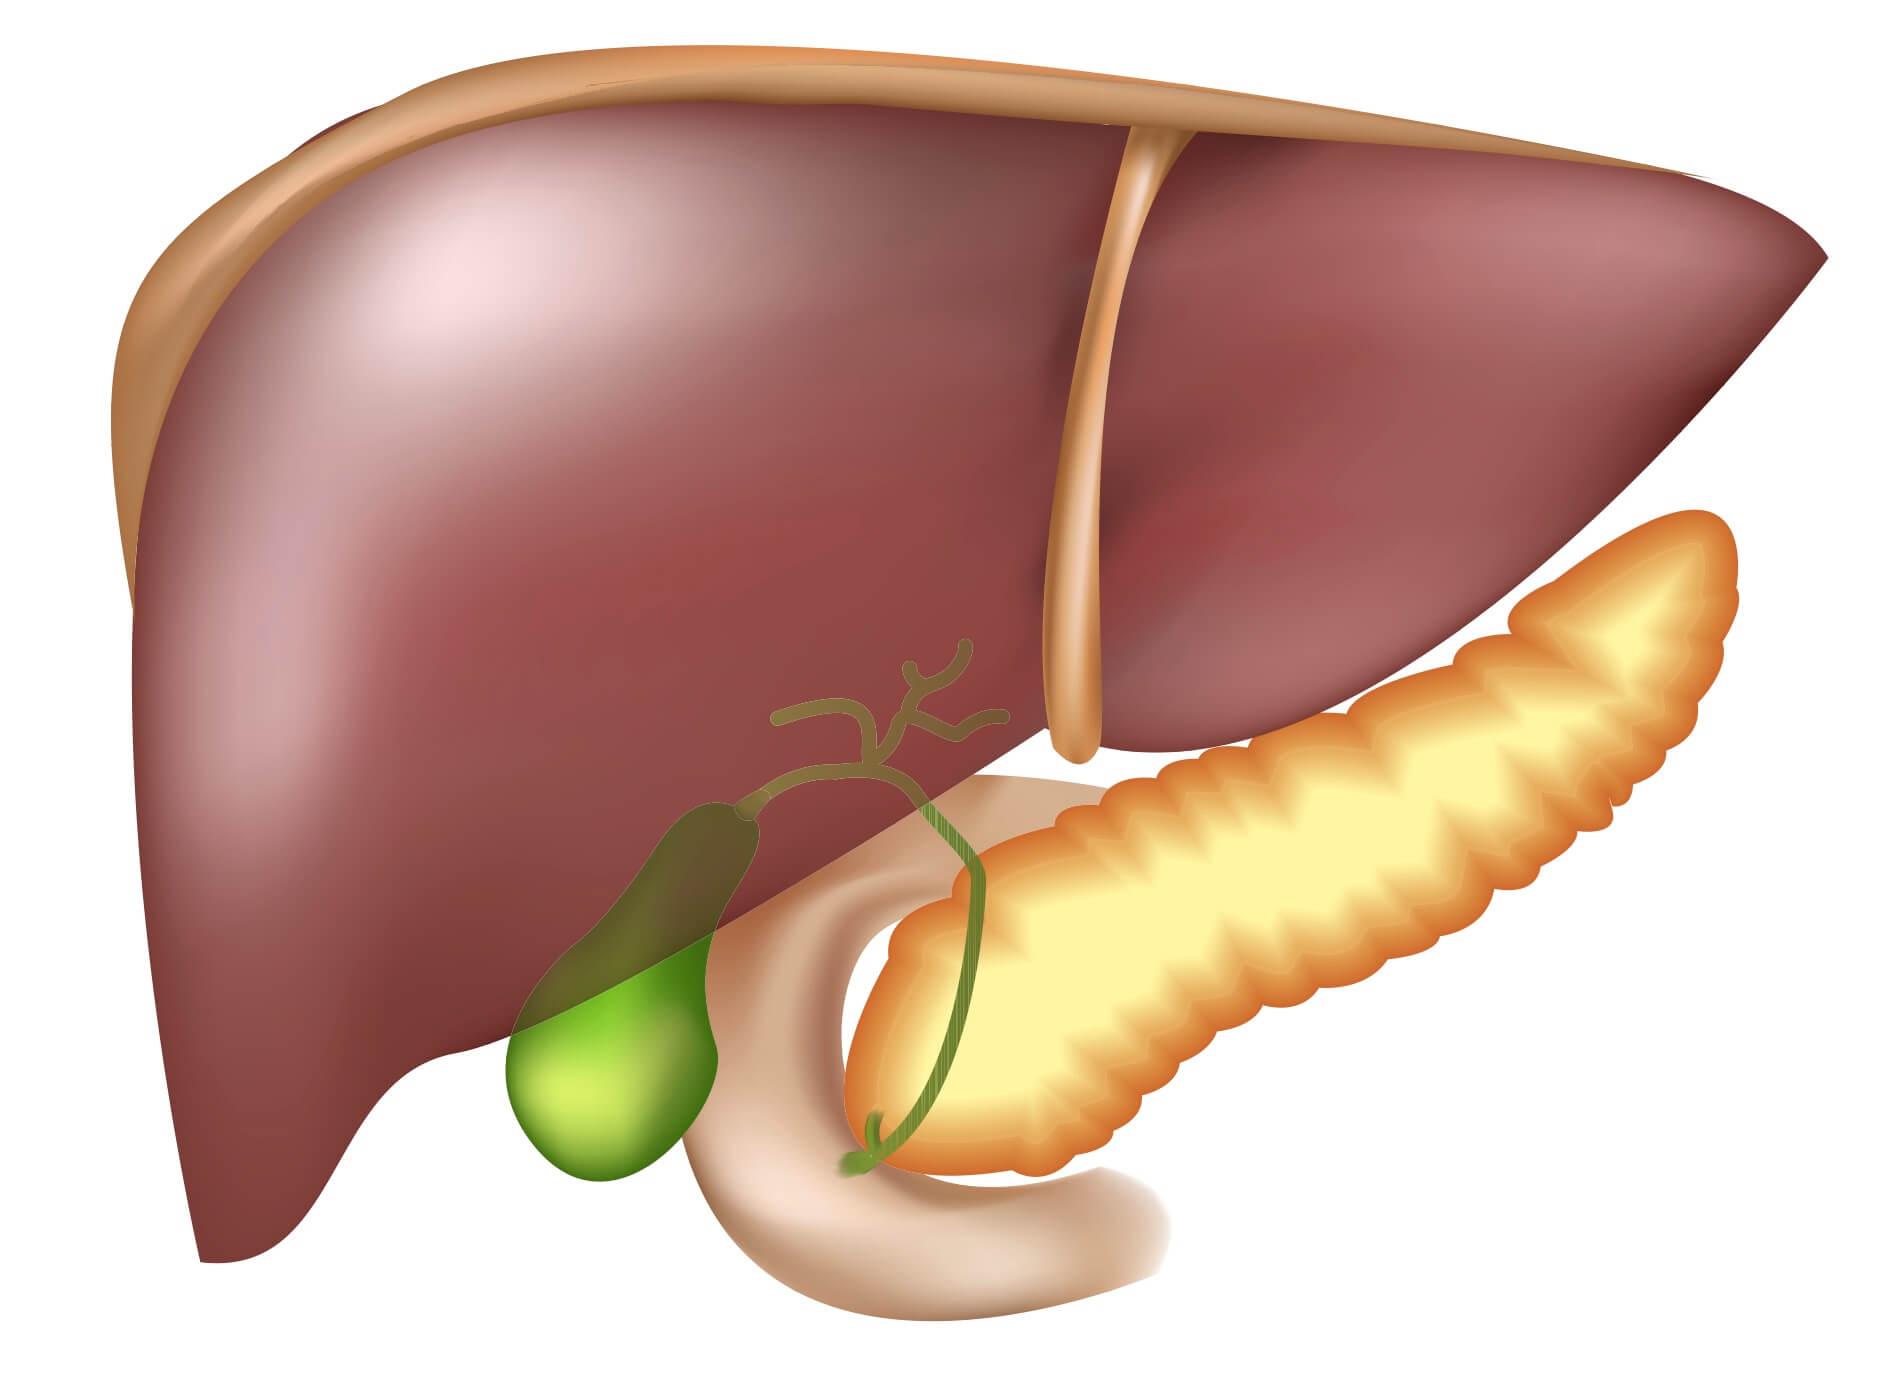 Заболевания печени: симптомы, признаки, лечение болезней печени